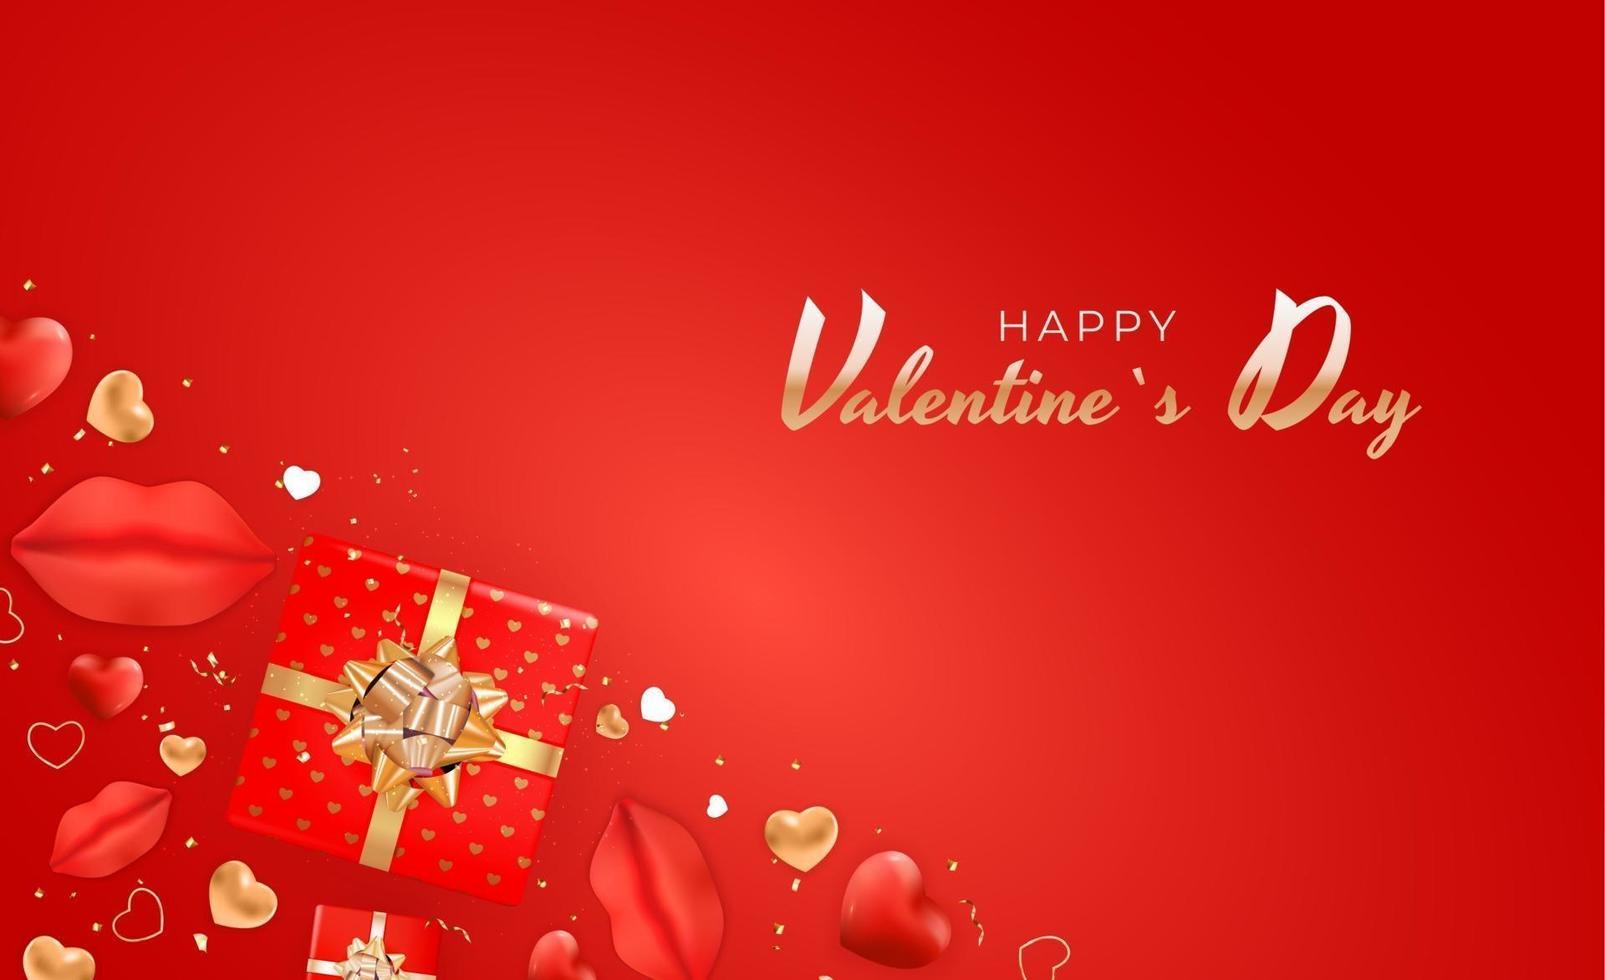 banner di San Valentino su sfondo rosso vettore